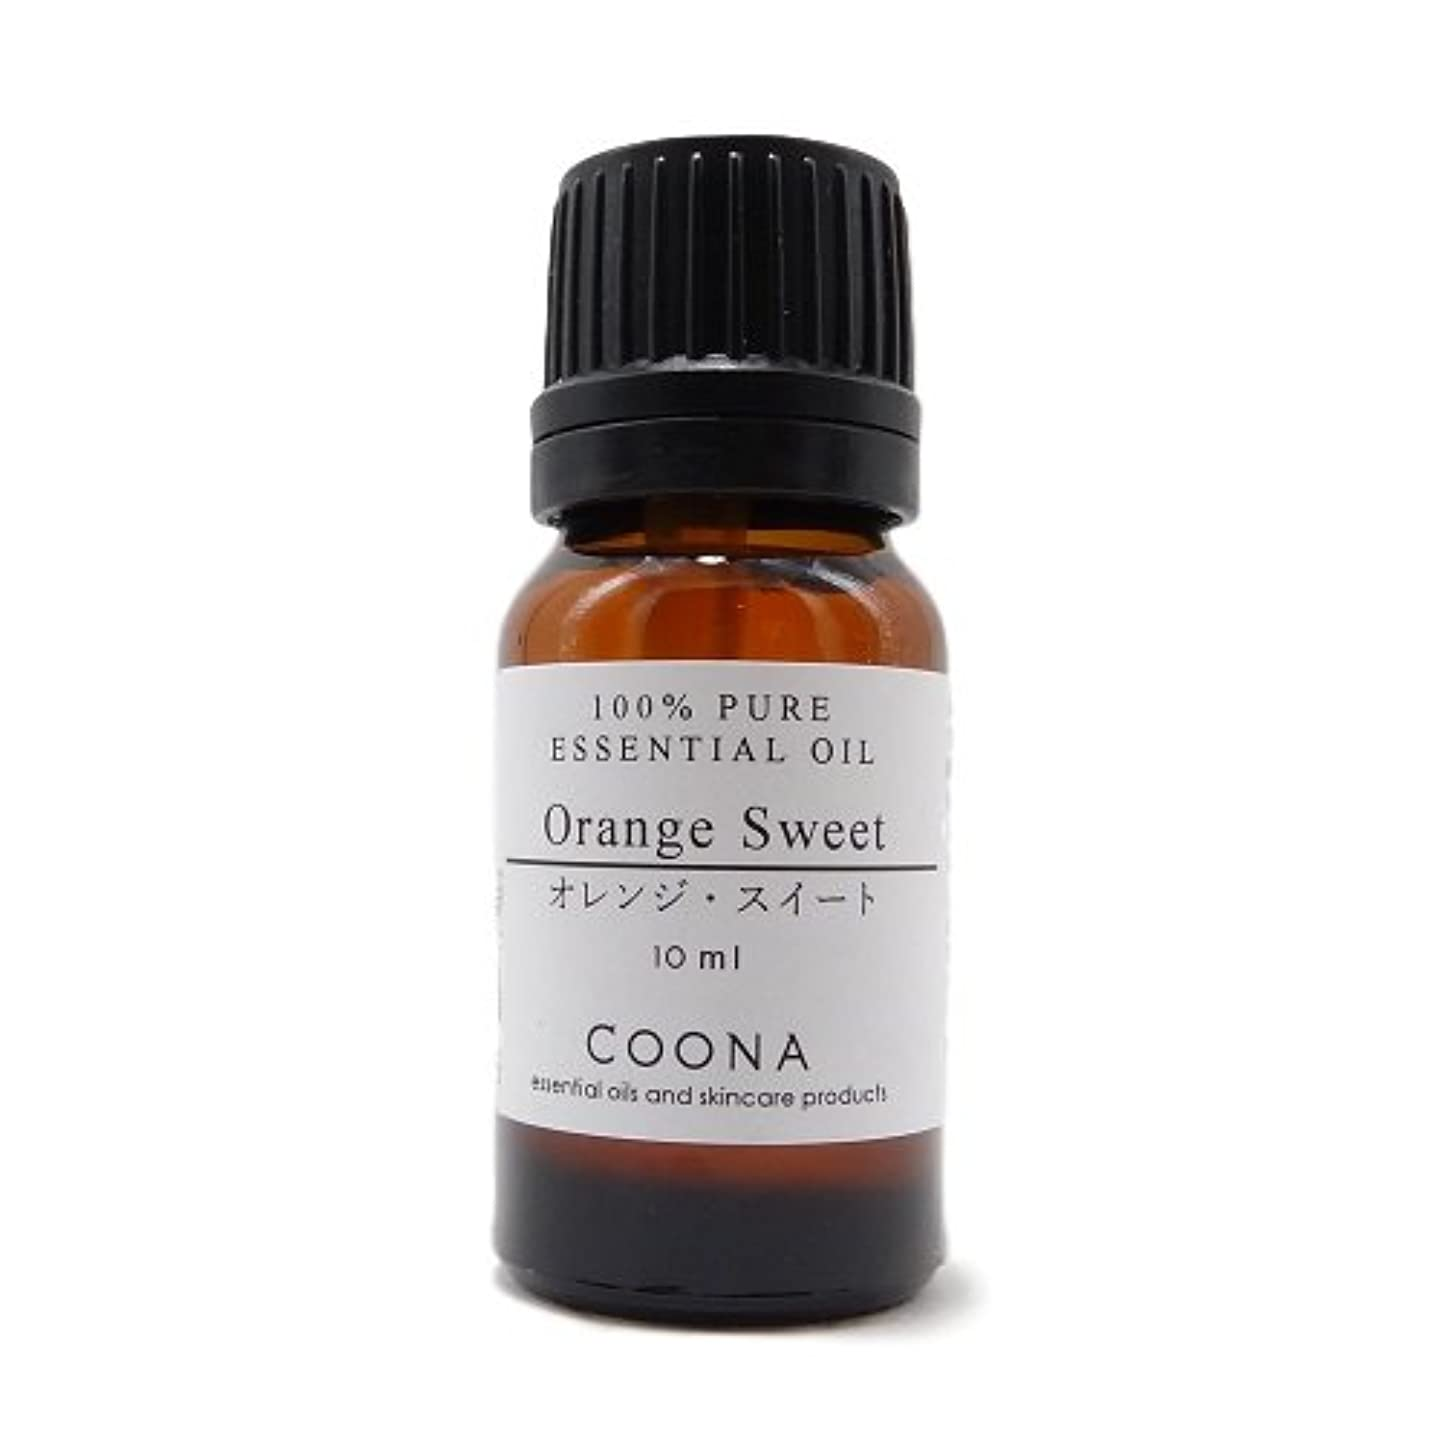 医学前文手つかずのオレンジ スイート 10 ml (COONA エッセンシャルオイル アロマオイル 100%天然植物精油)